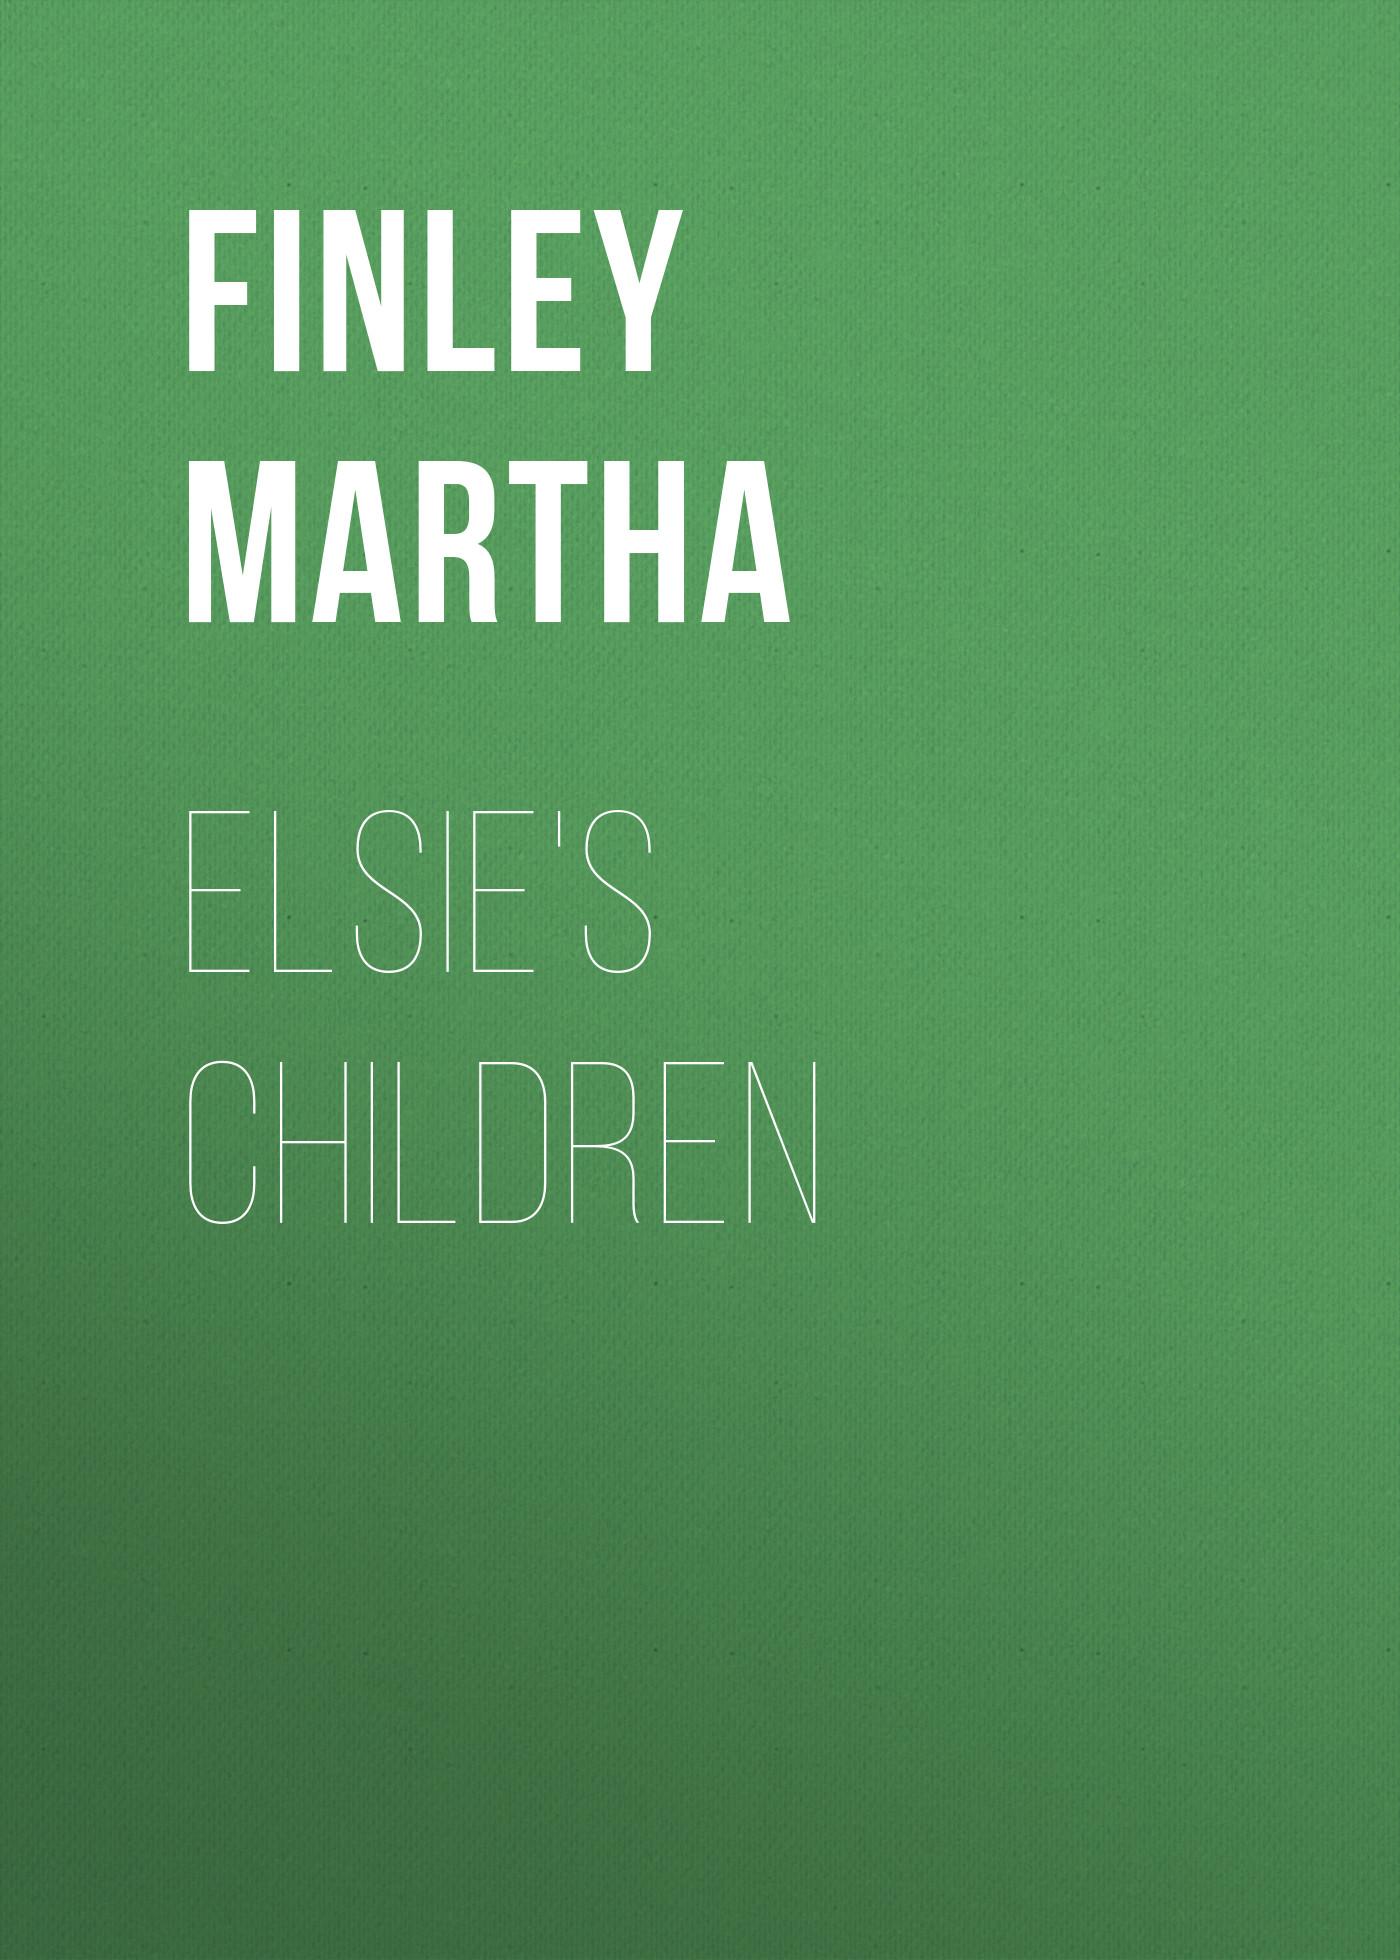 Finley Martha Elsie's children martha argerich